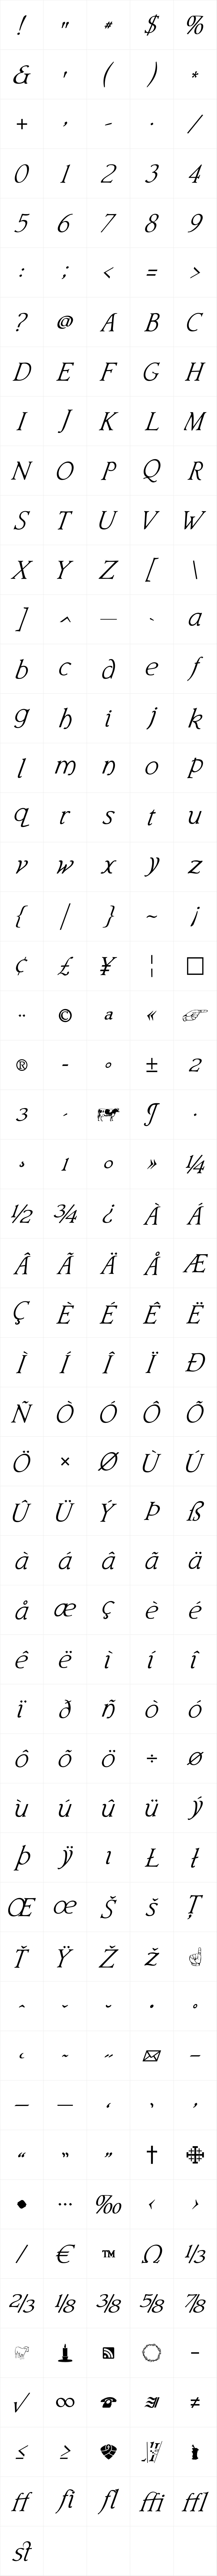 Bream Italic